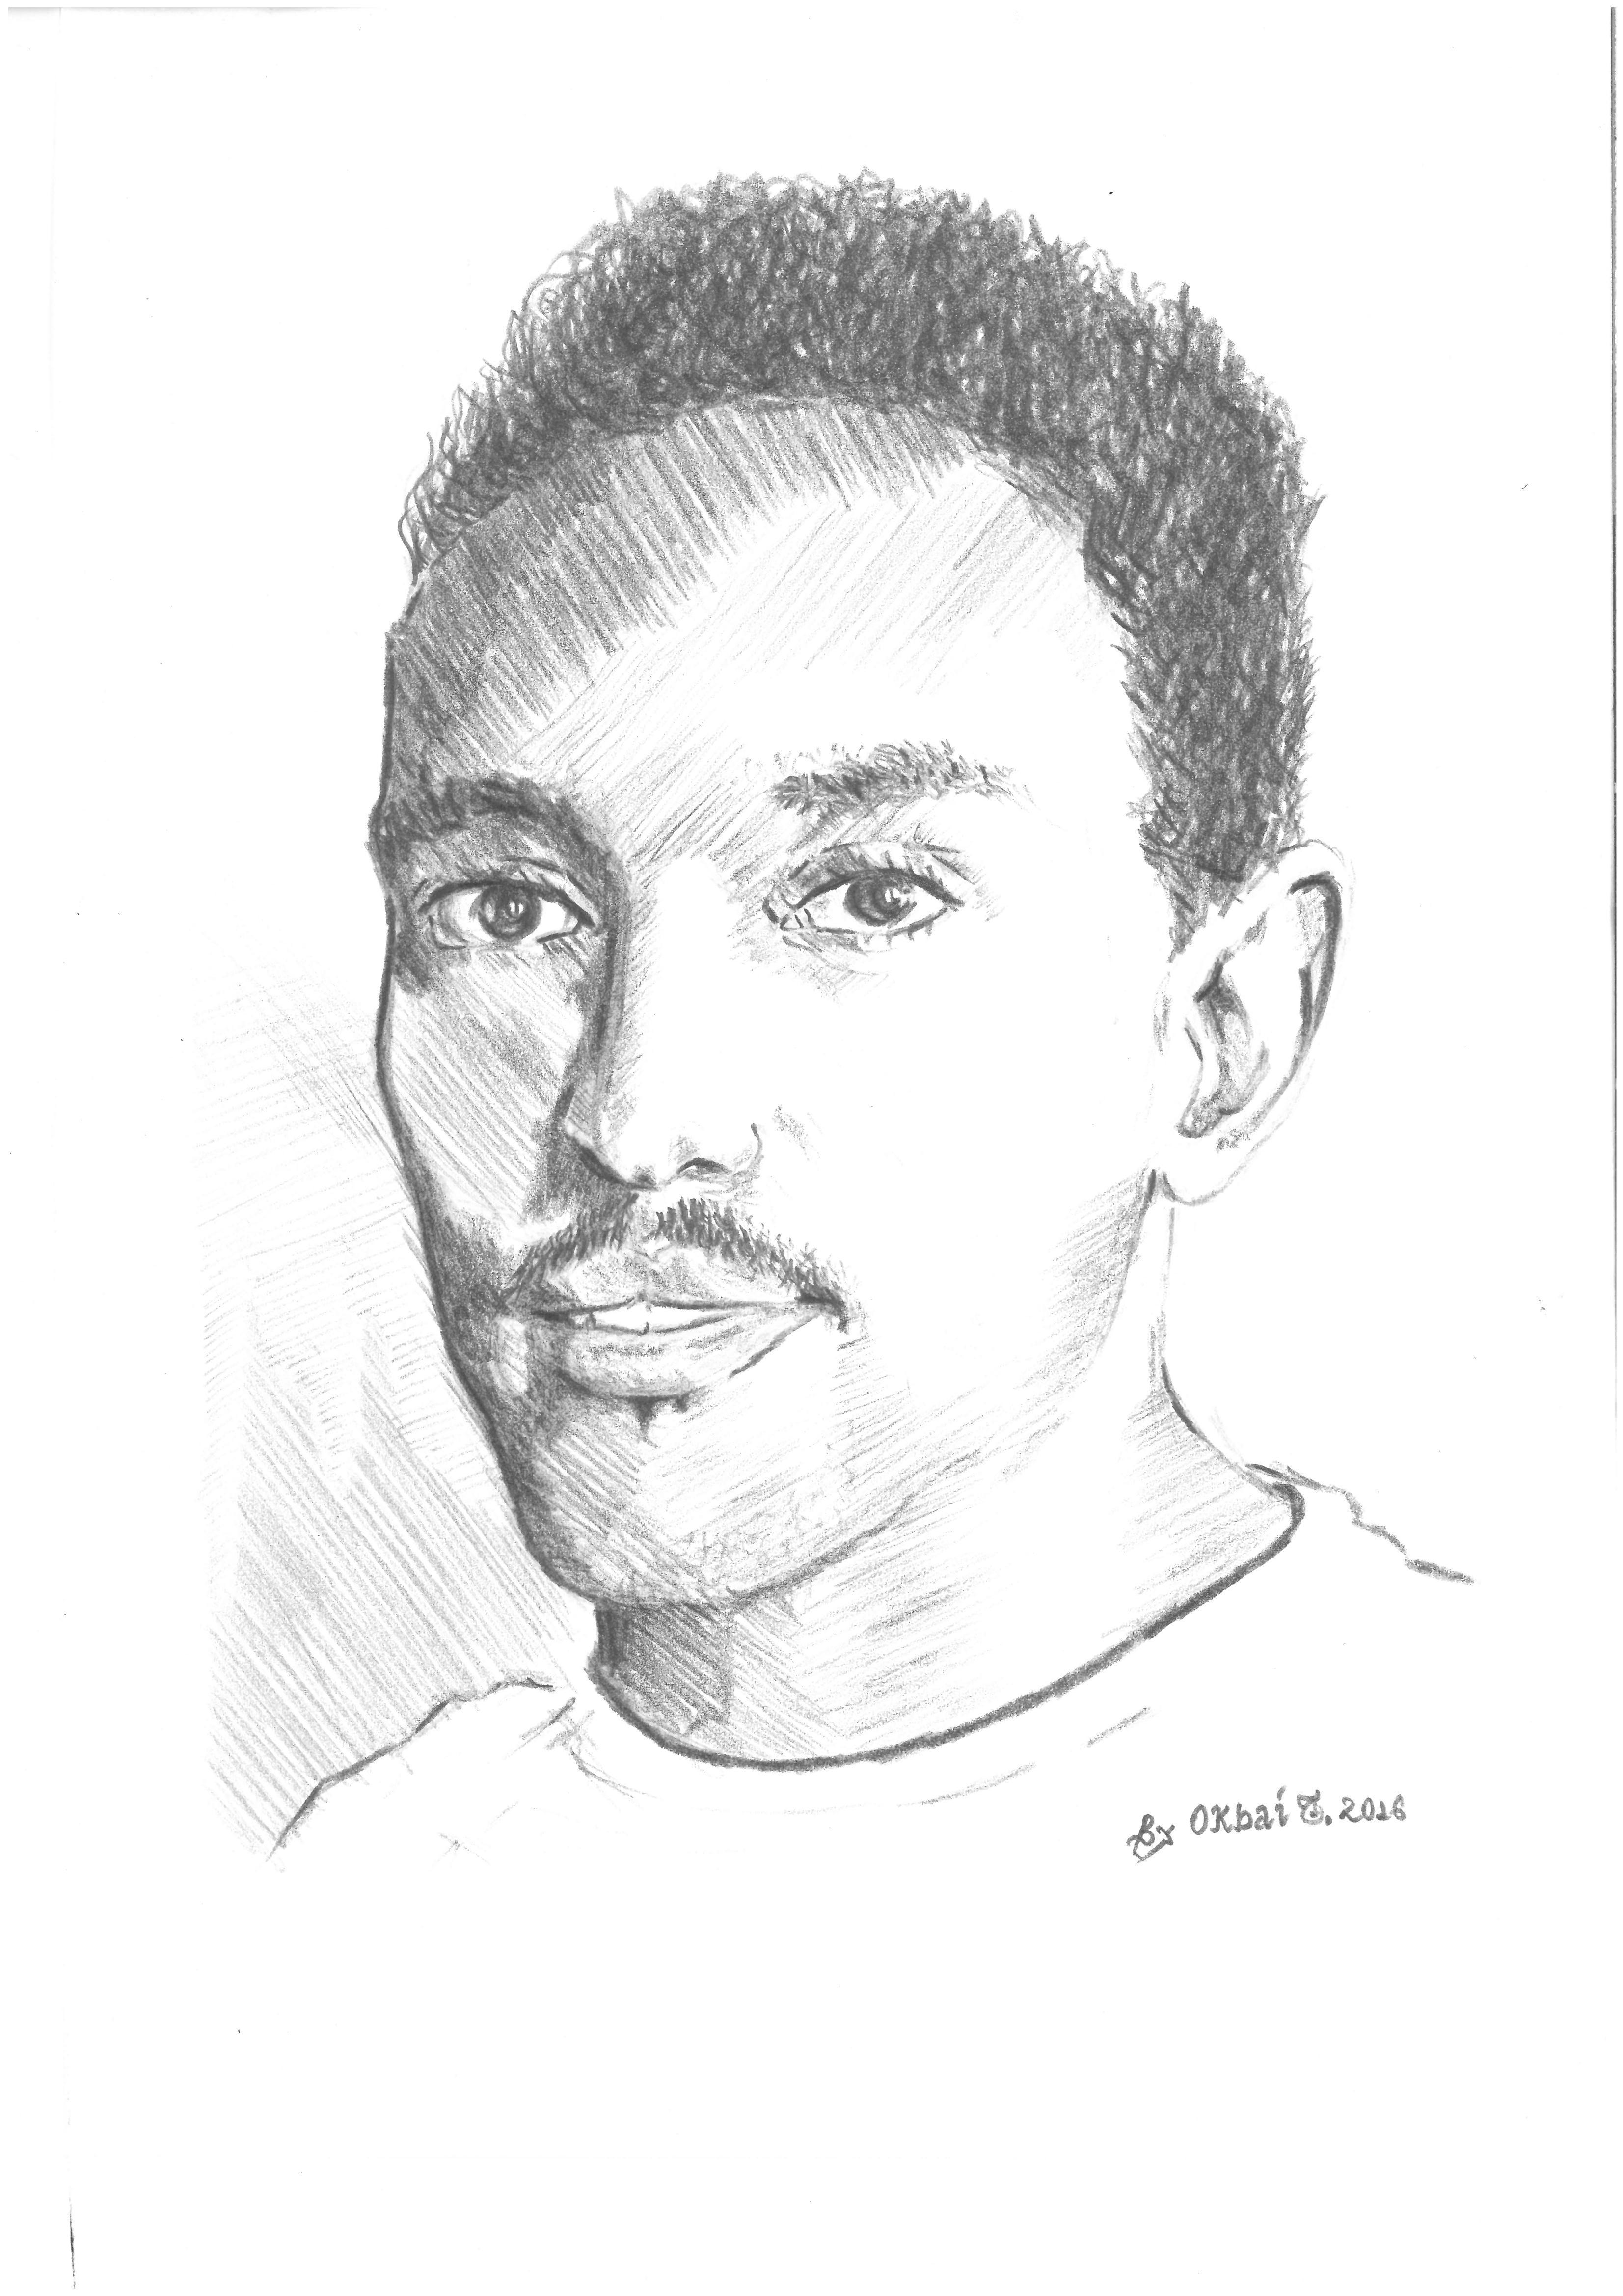 Eind Bild zeigt das Porträt von Okbai Tesfamichael